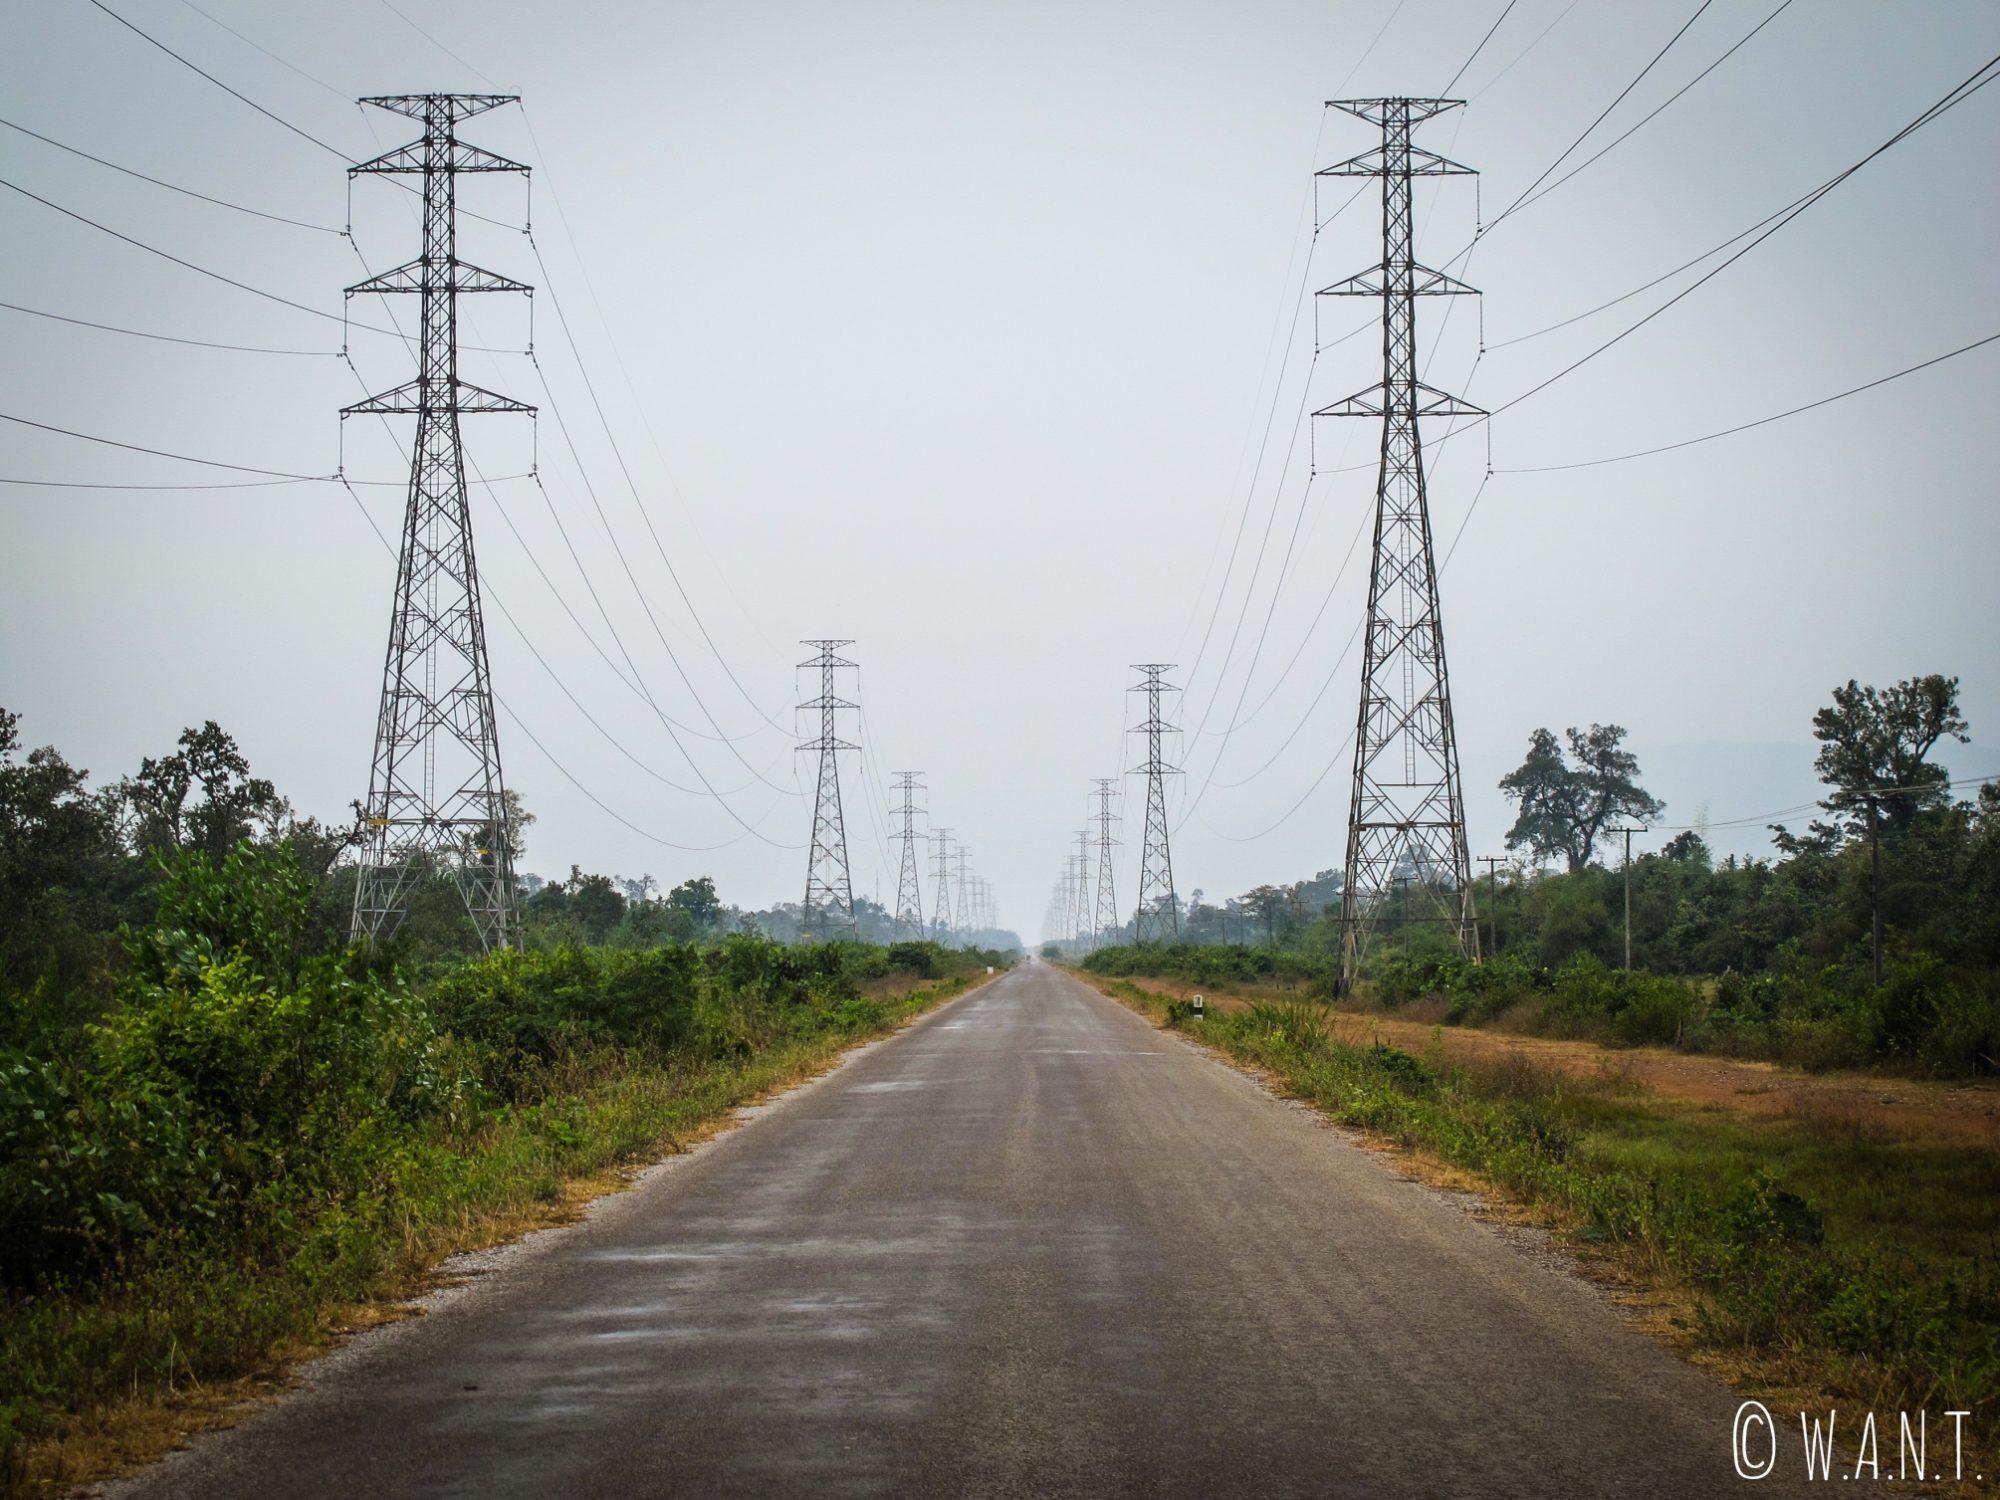 Lignes électriques sur la route de Konglor durant la boucle de Thakhek